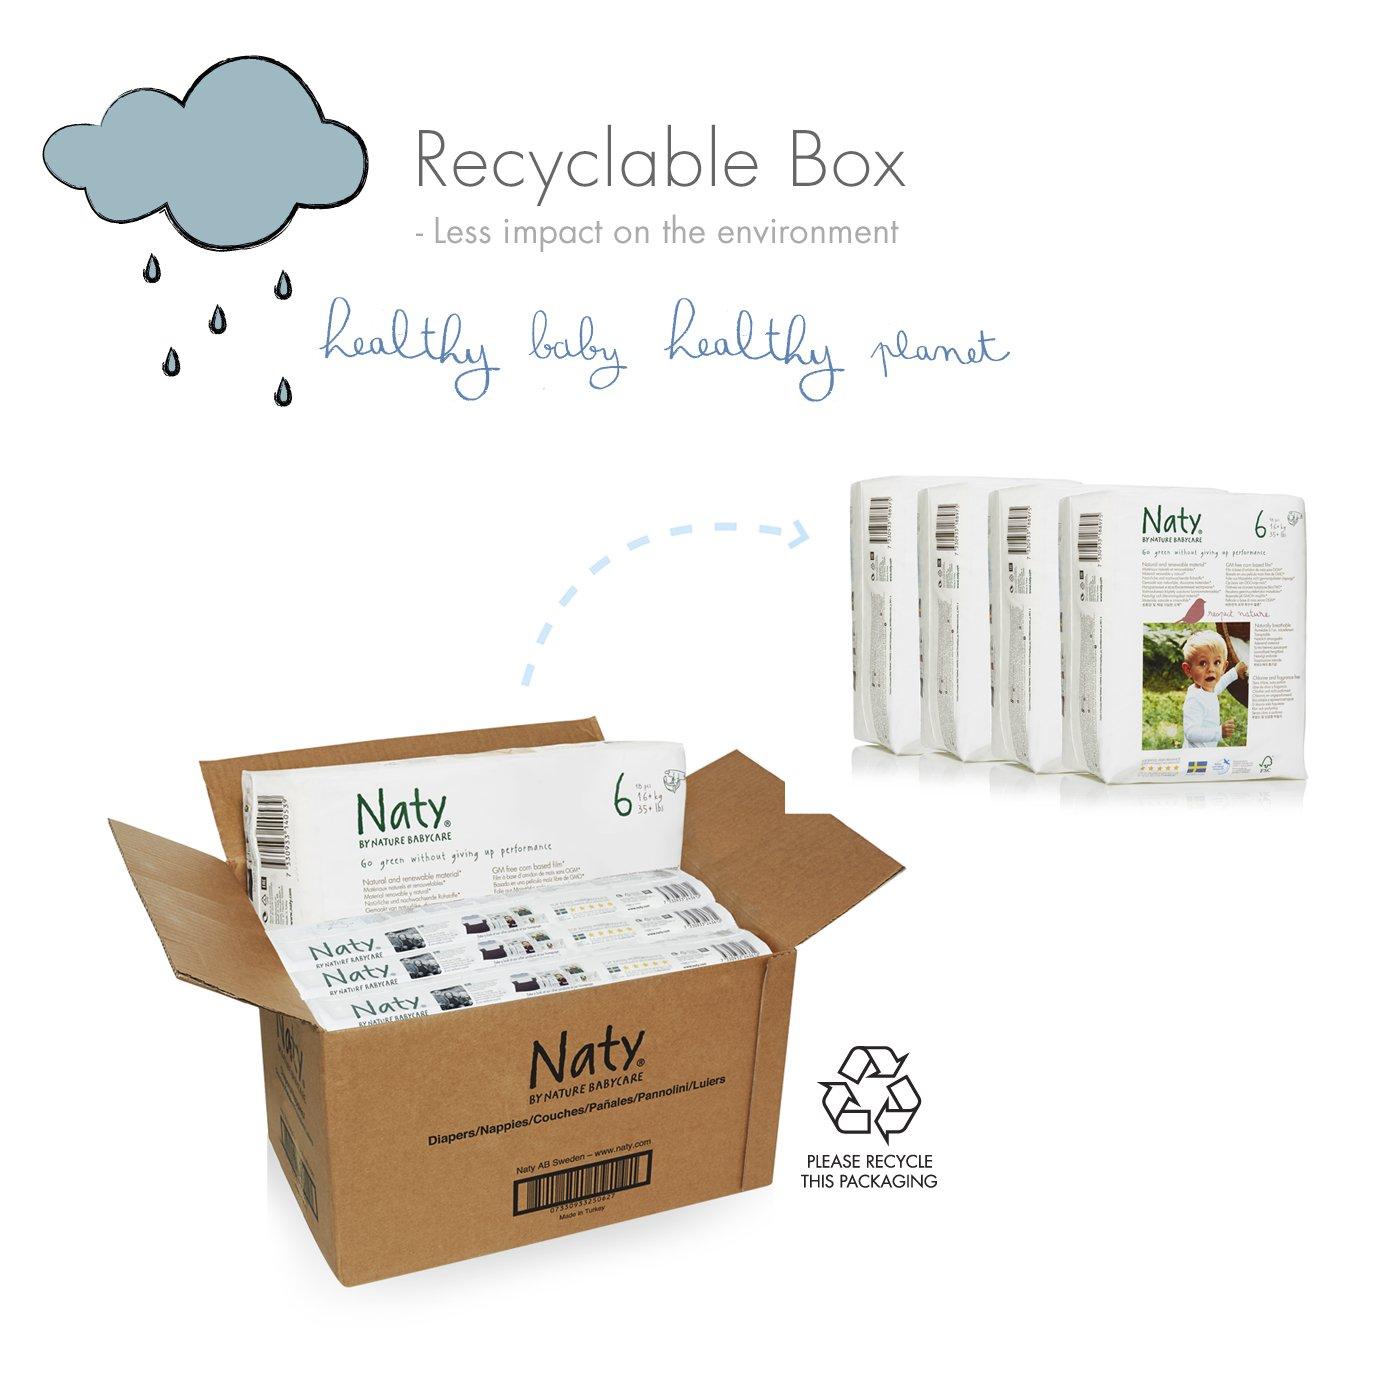 Naty By Nature Babycare - Pañales ecológicos - Talla 6 (16+ kg) - 4 x 18 pañales: Amazon.es: Salud y cuidado personal